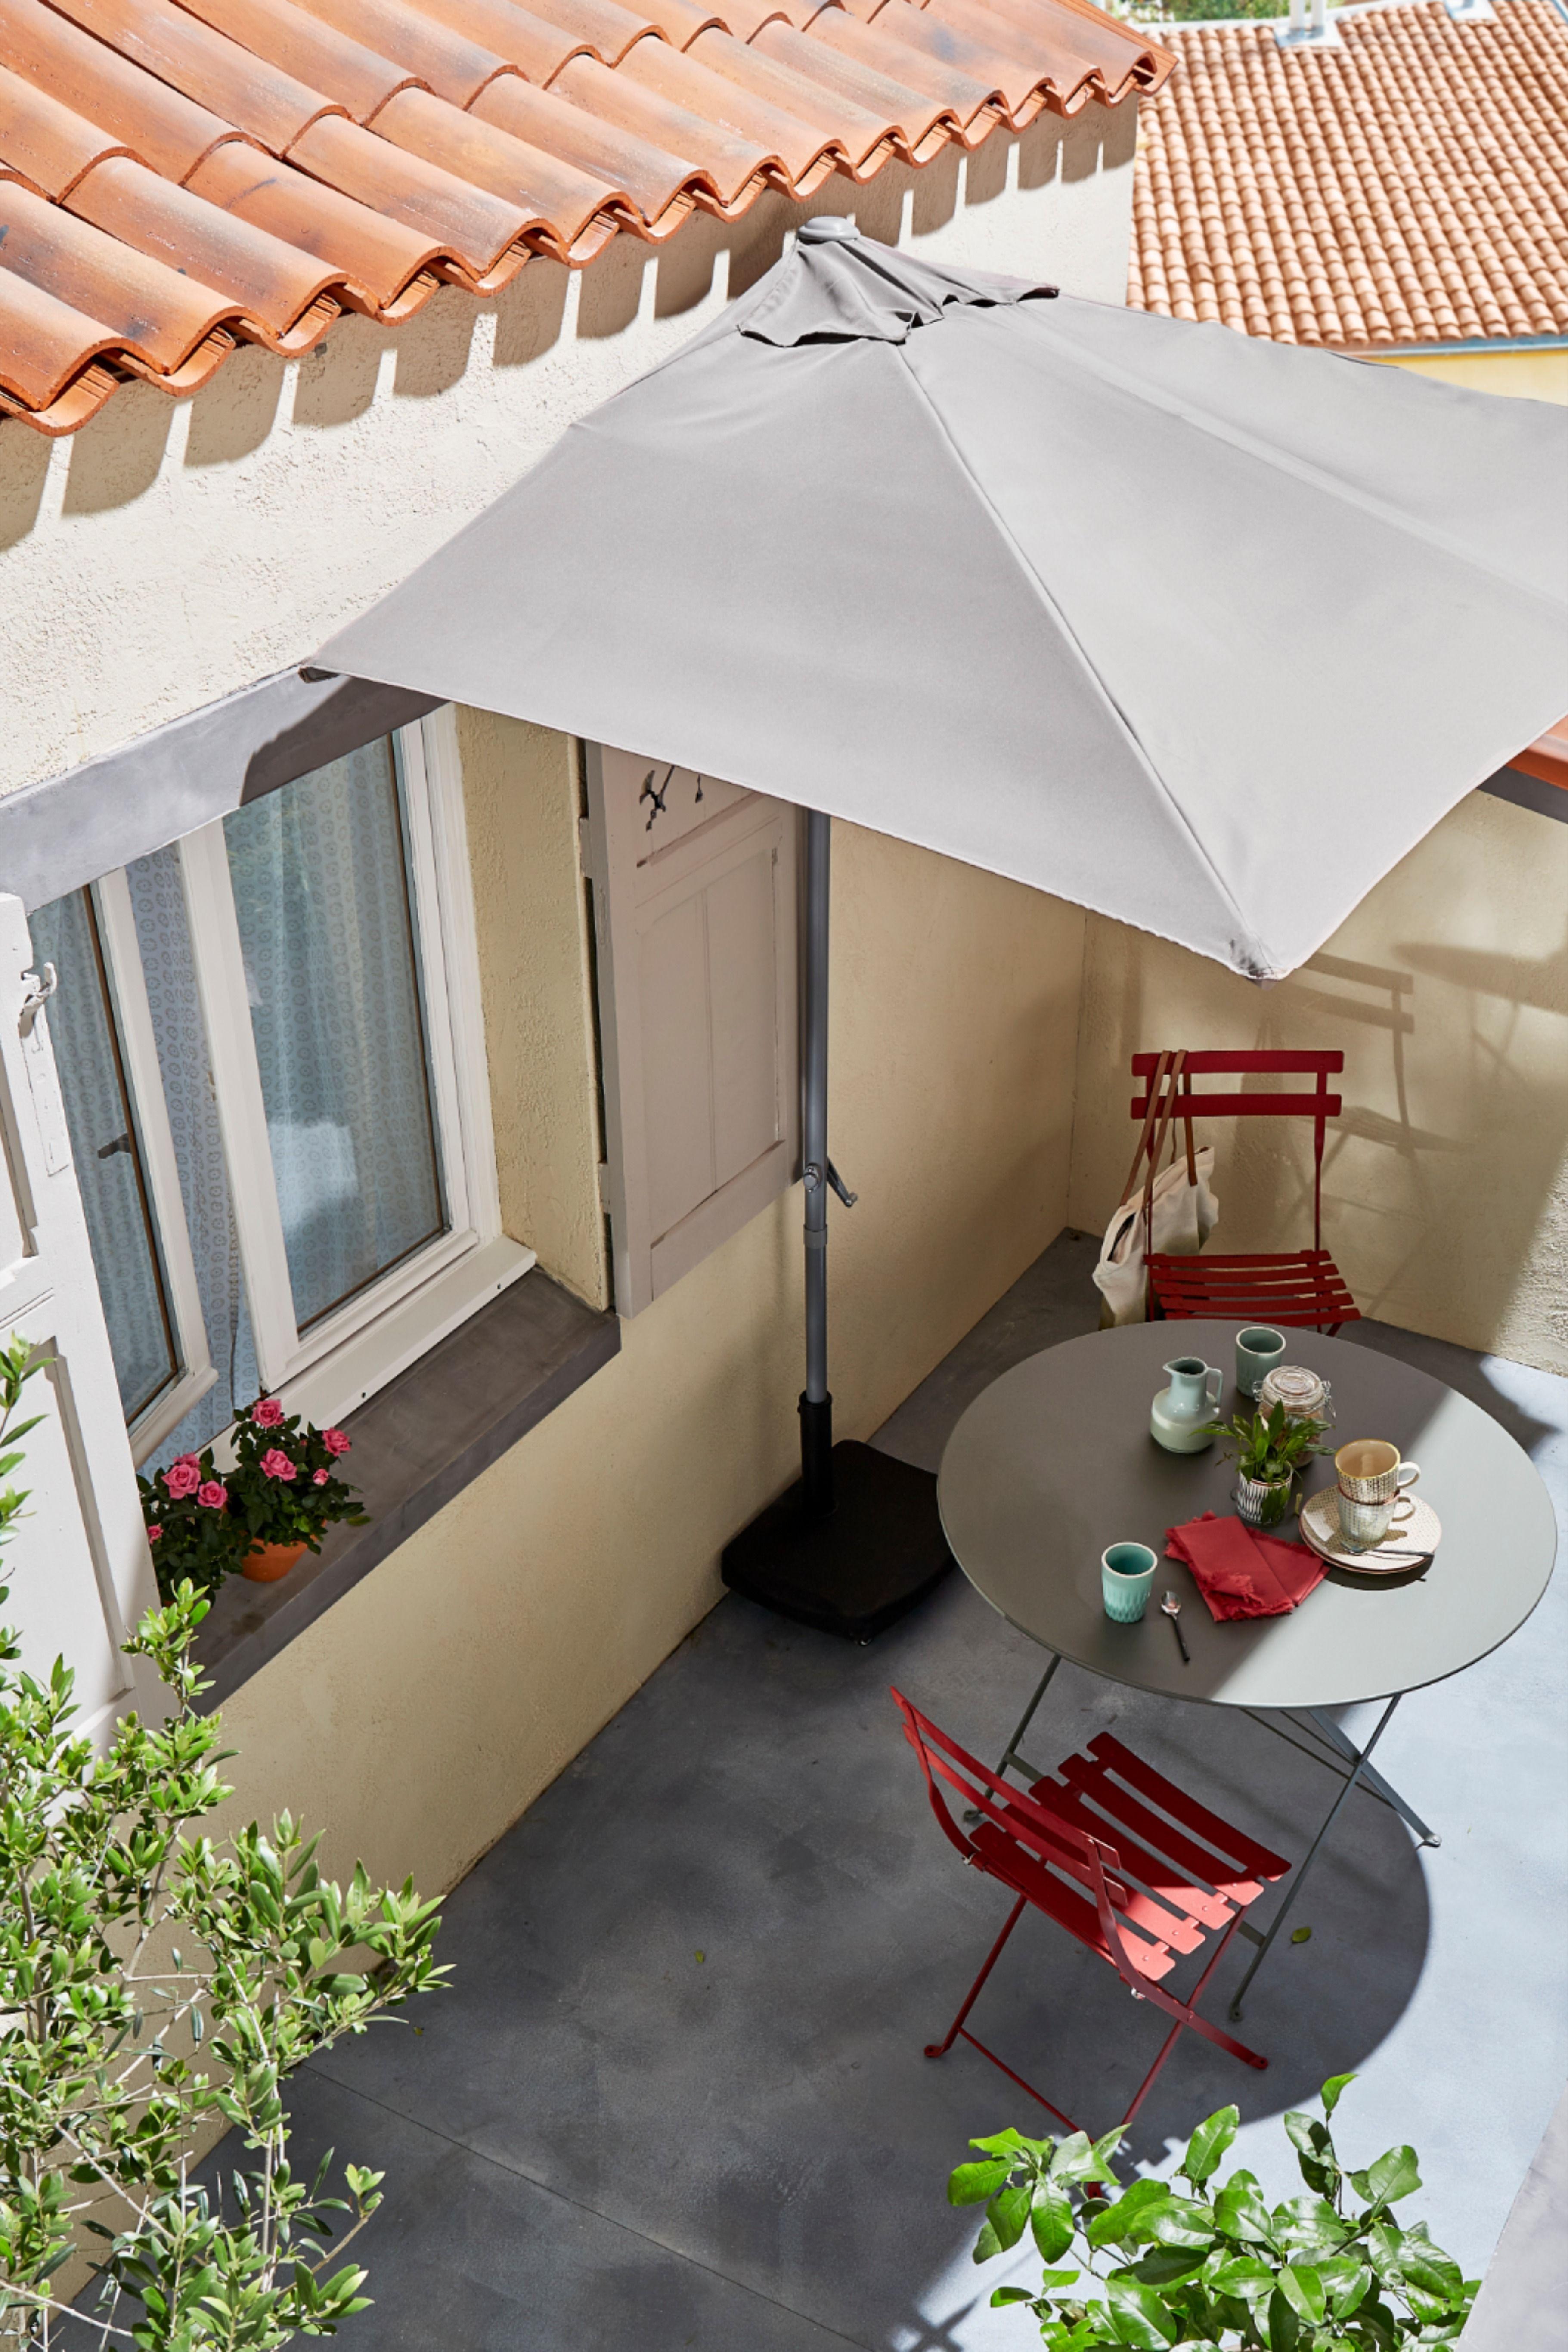 Un Parasol Qui S Adapte A La Perfection A Tous Les Espaces Meme Les Plus Petit Castorama Inspiration Decoration Ideedec Parasol Terrasse Parasol Terrasse